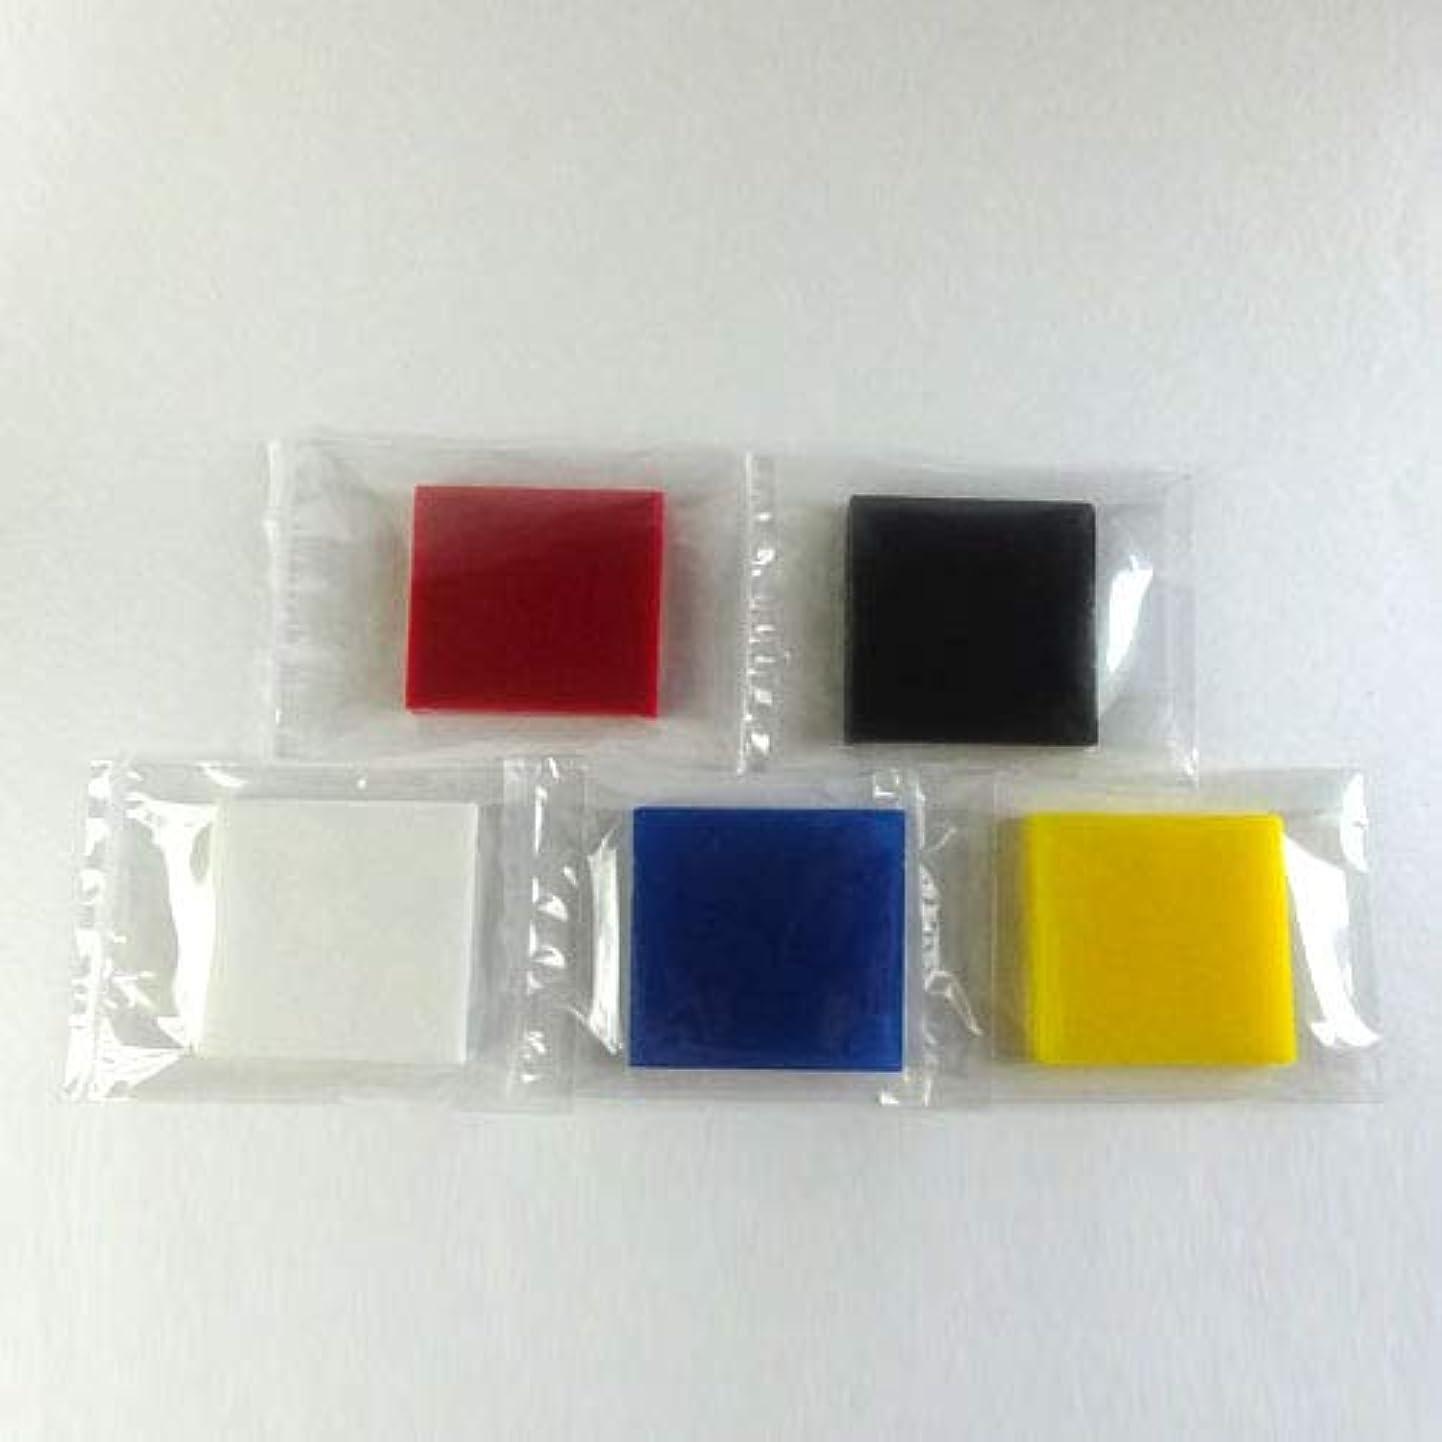 アラバマ割り込み堤防グリセリンソープ MPソープ 色チップ 5色(赤?青?黄?白?黒) 各60g(30g x 2pc)